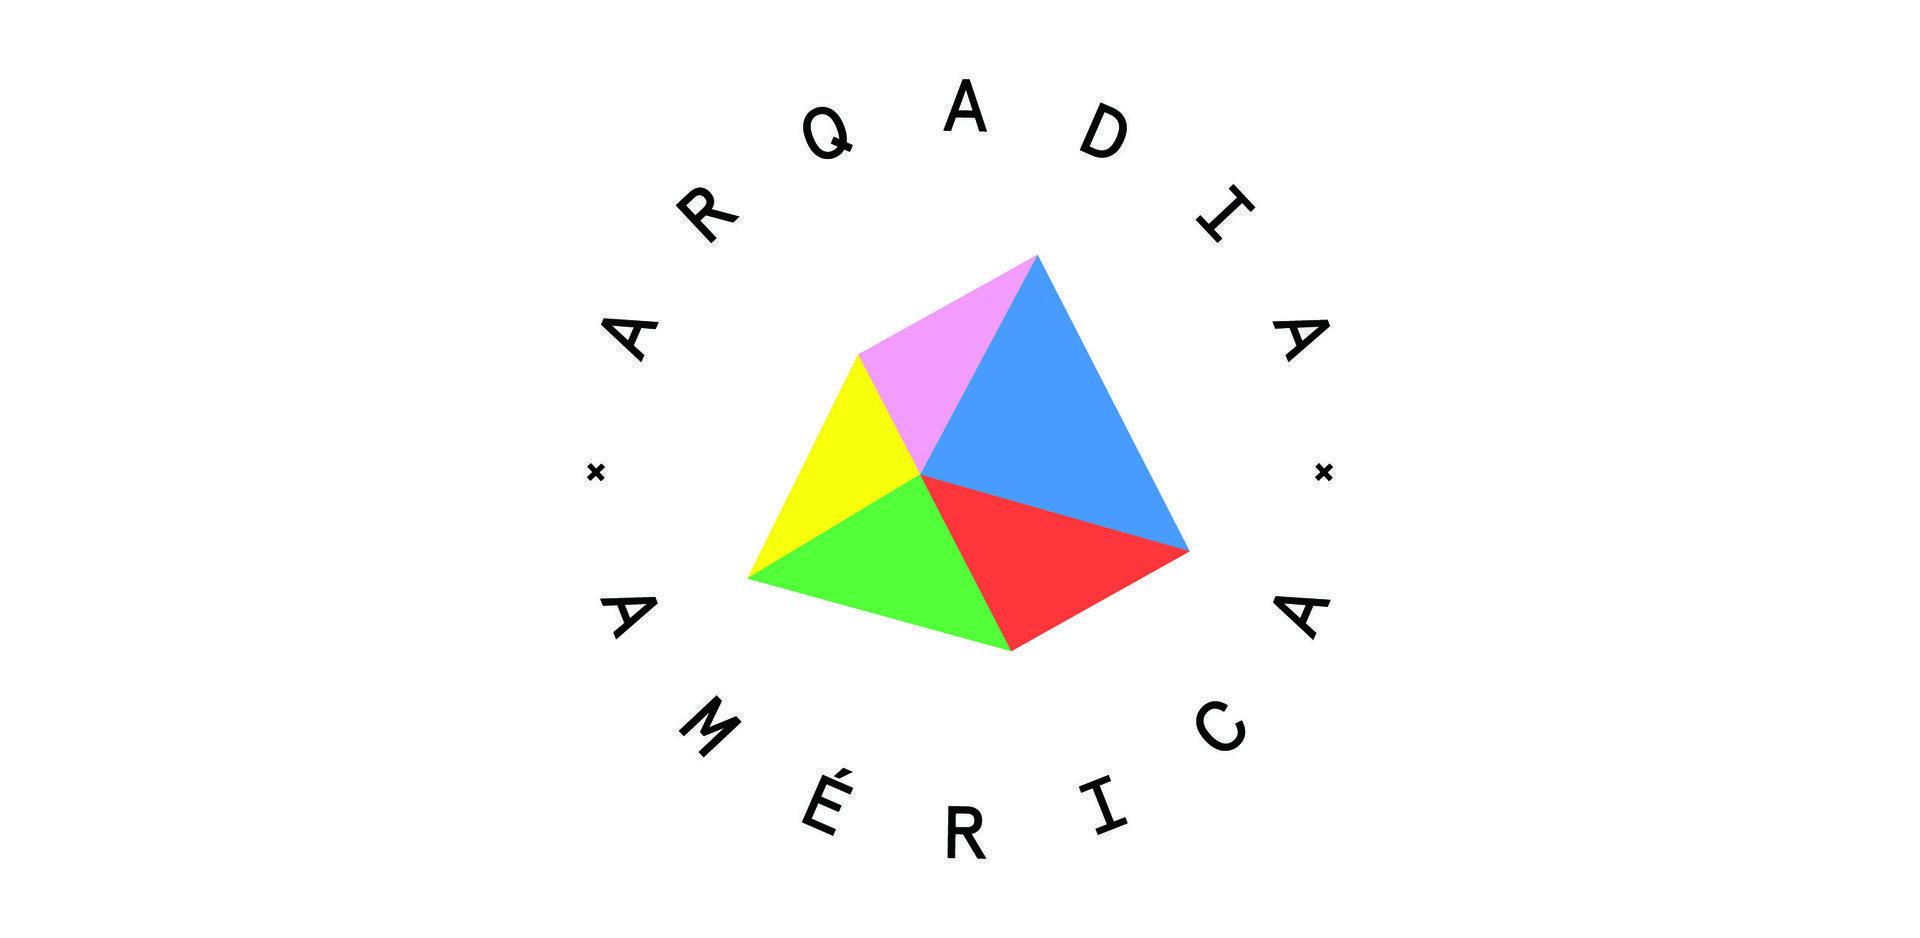 Concurso: ARQADIA AMÉRICA